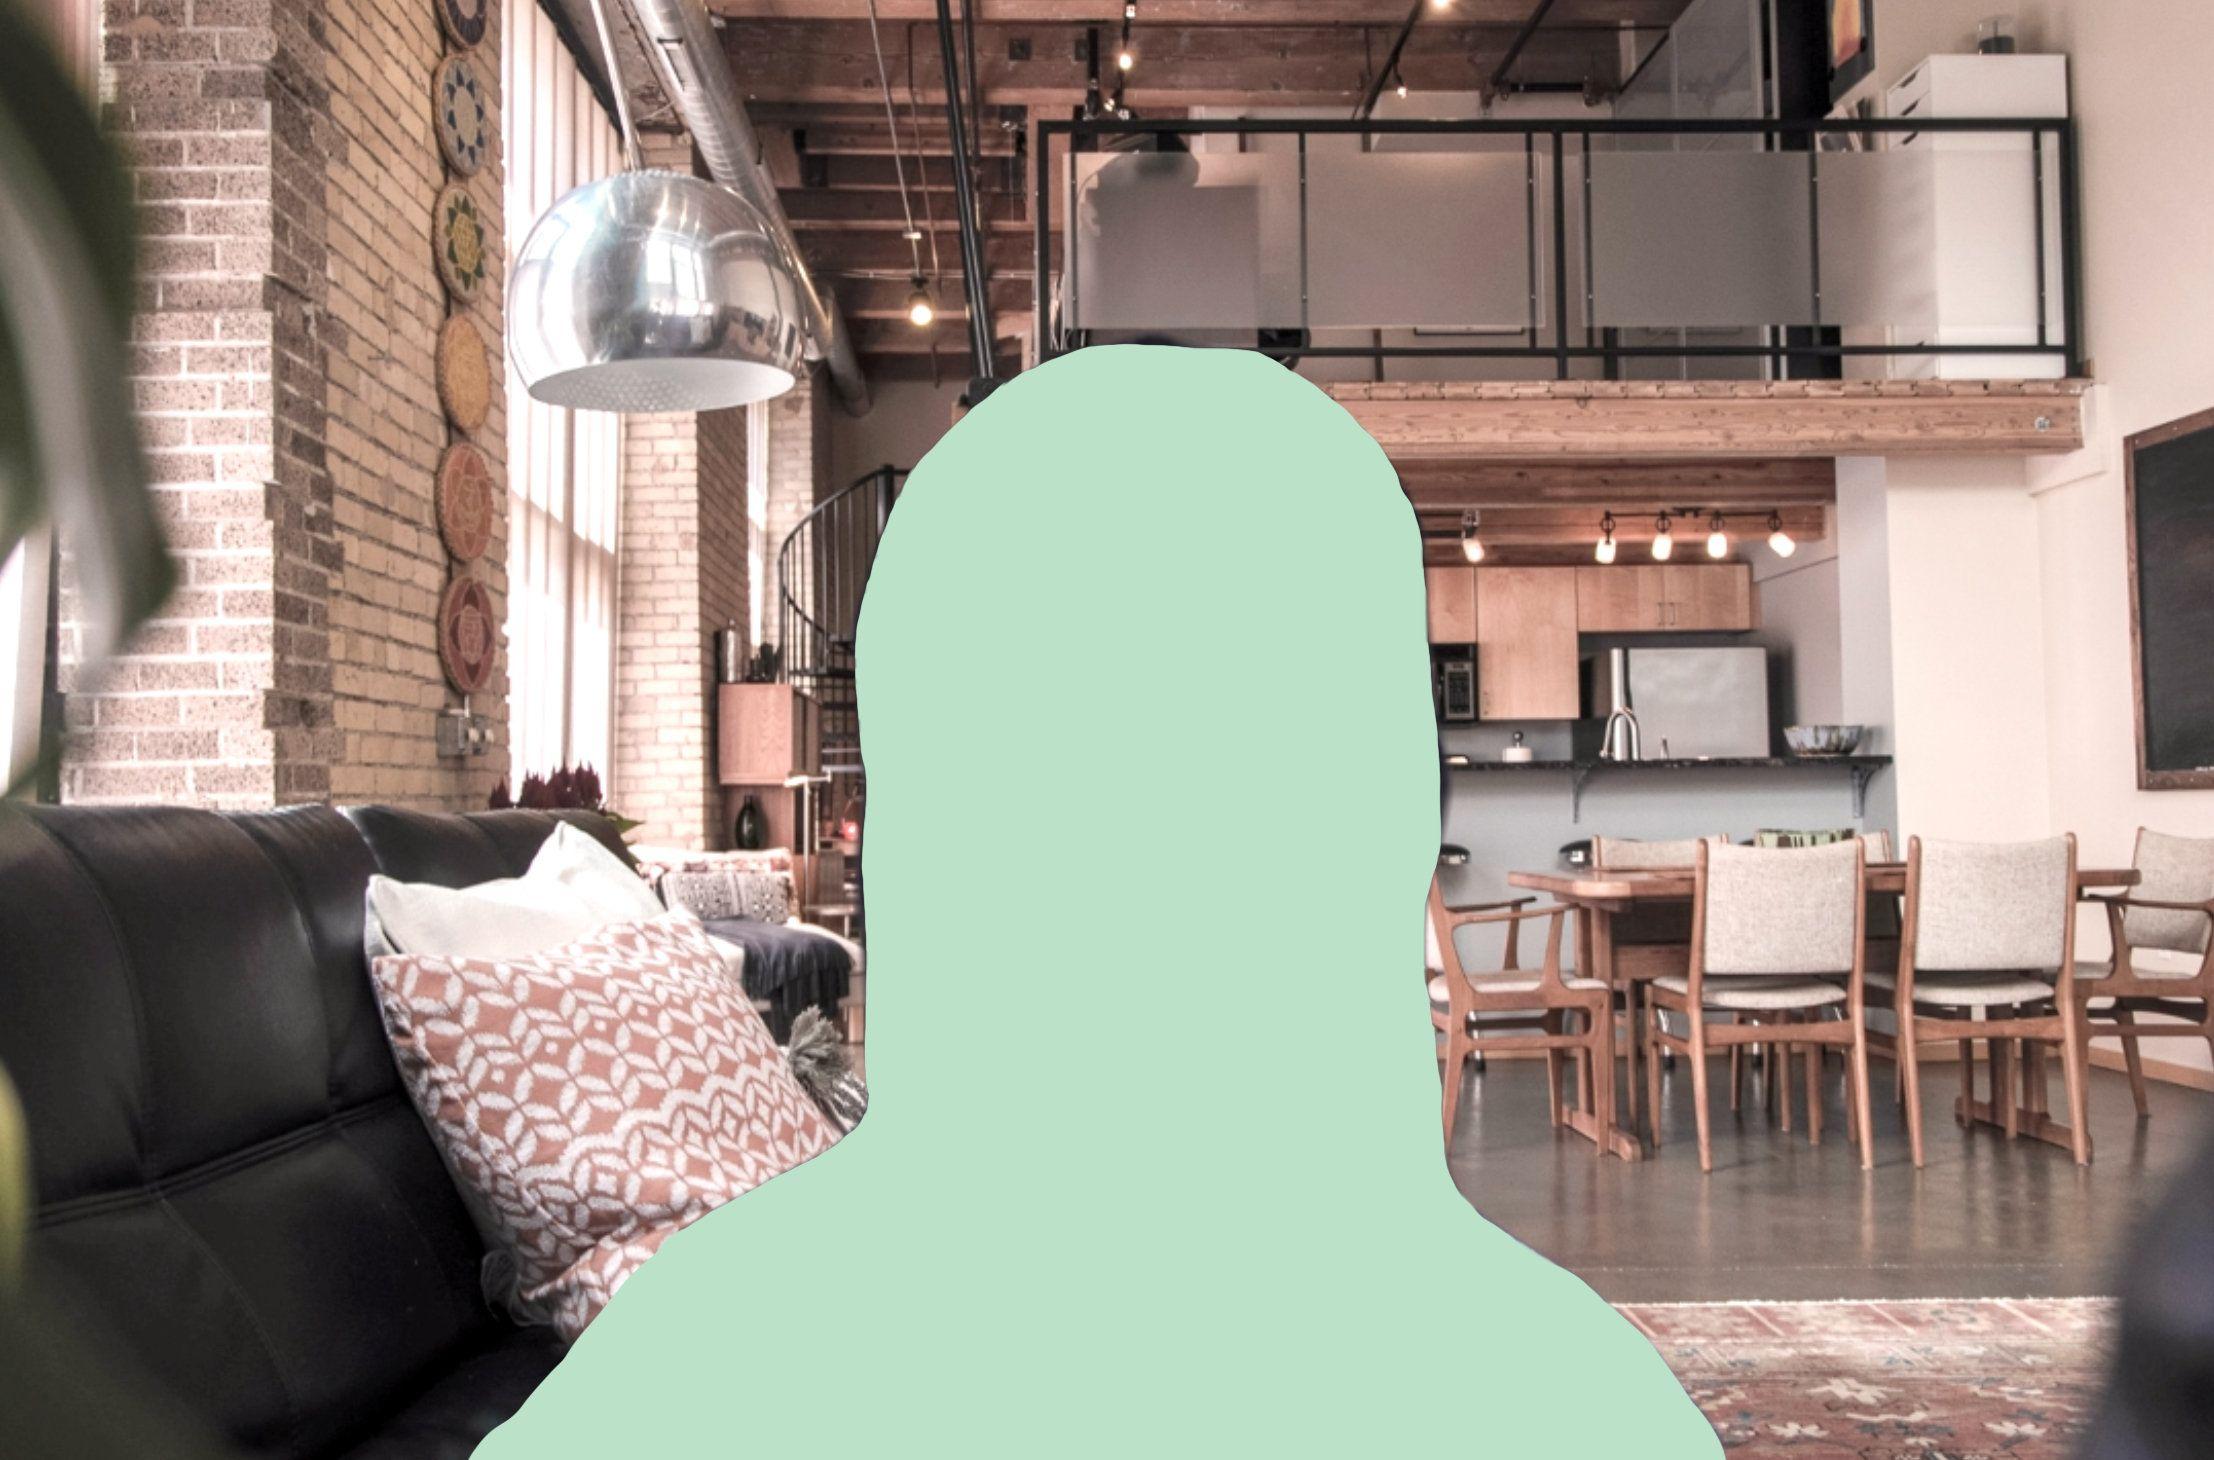 Meeting Living Room Meeting Zoom Virtual Background ...